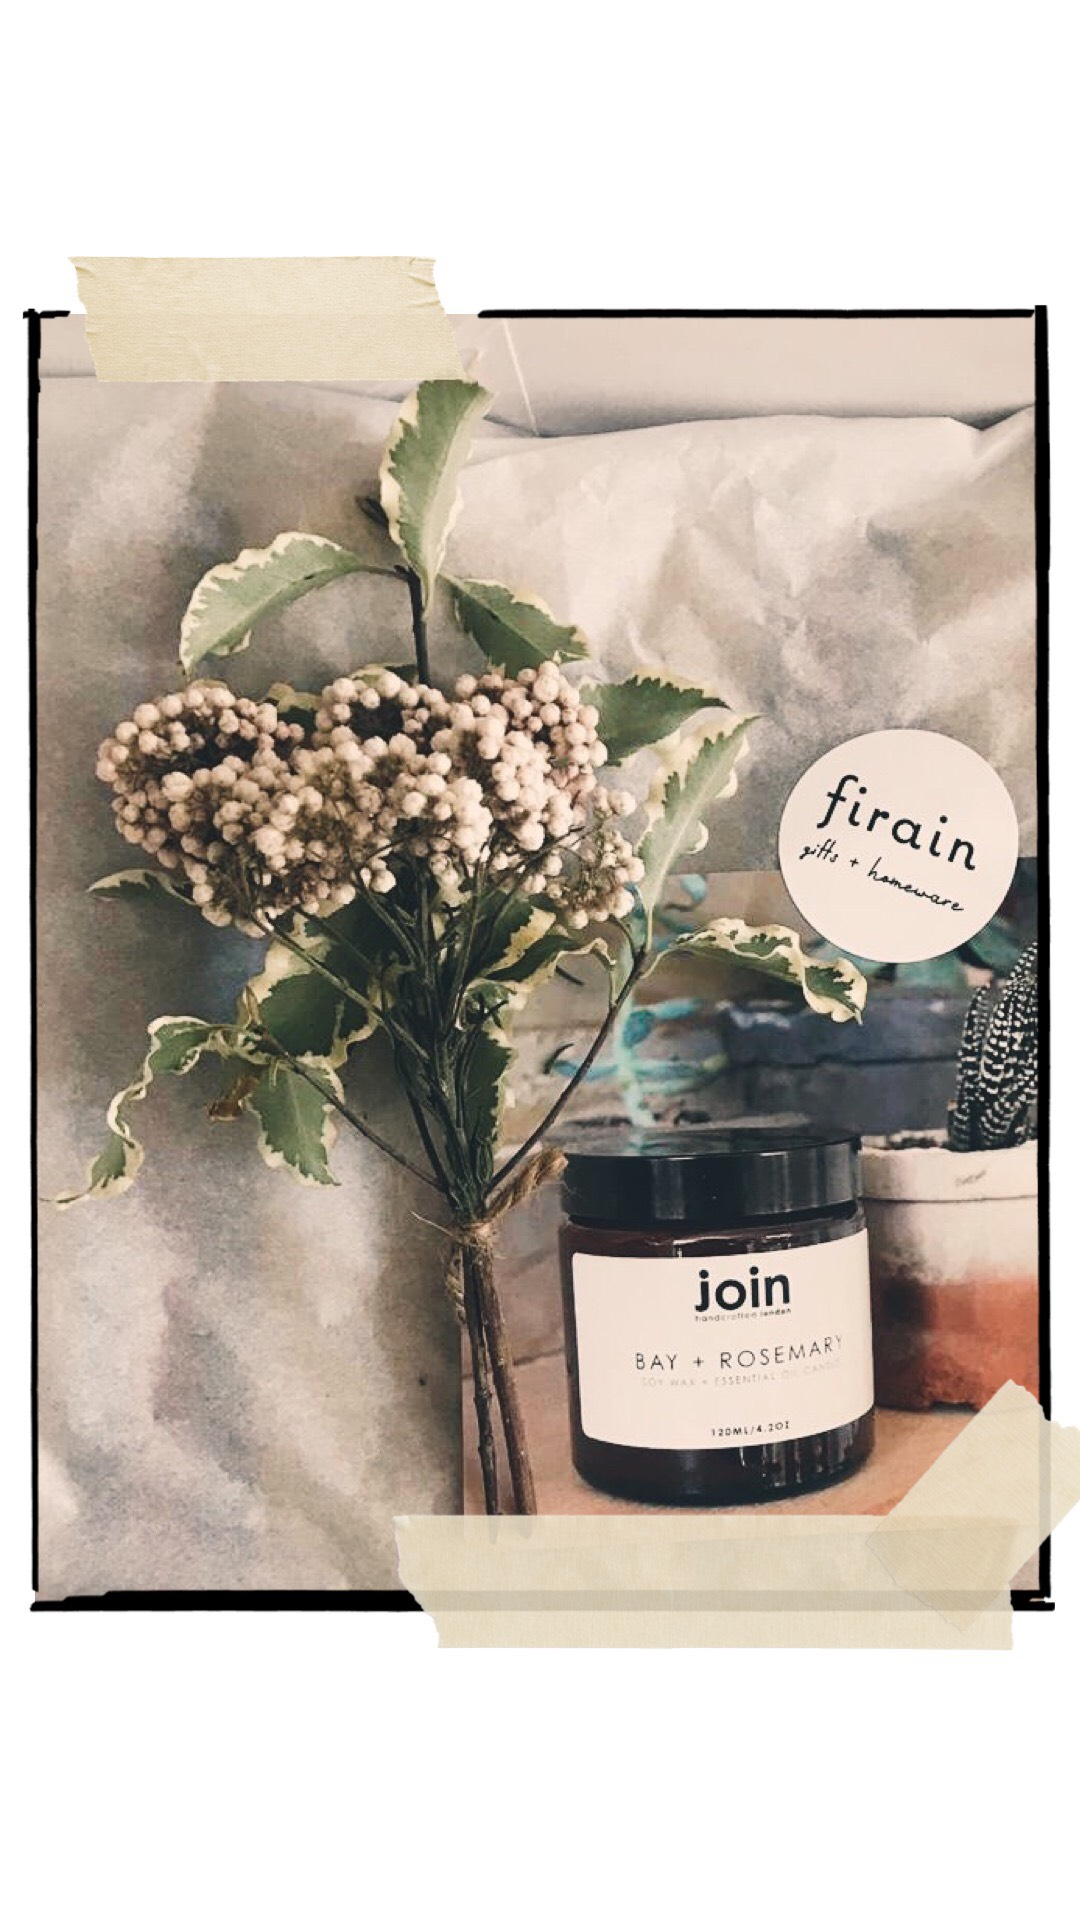 Firain-packaging-April-2019